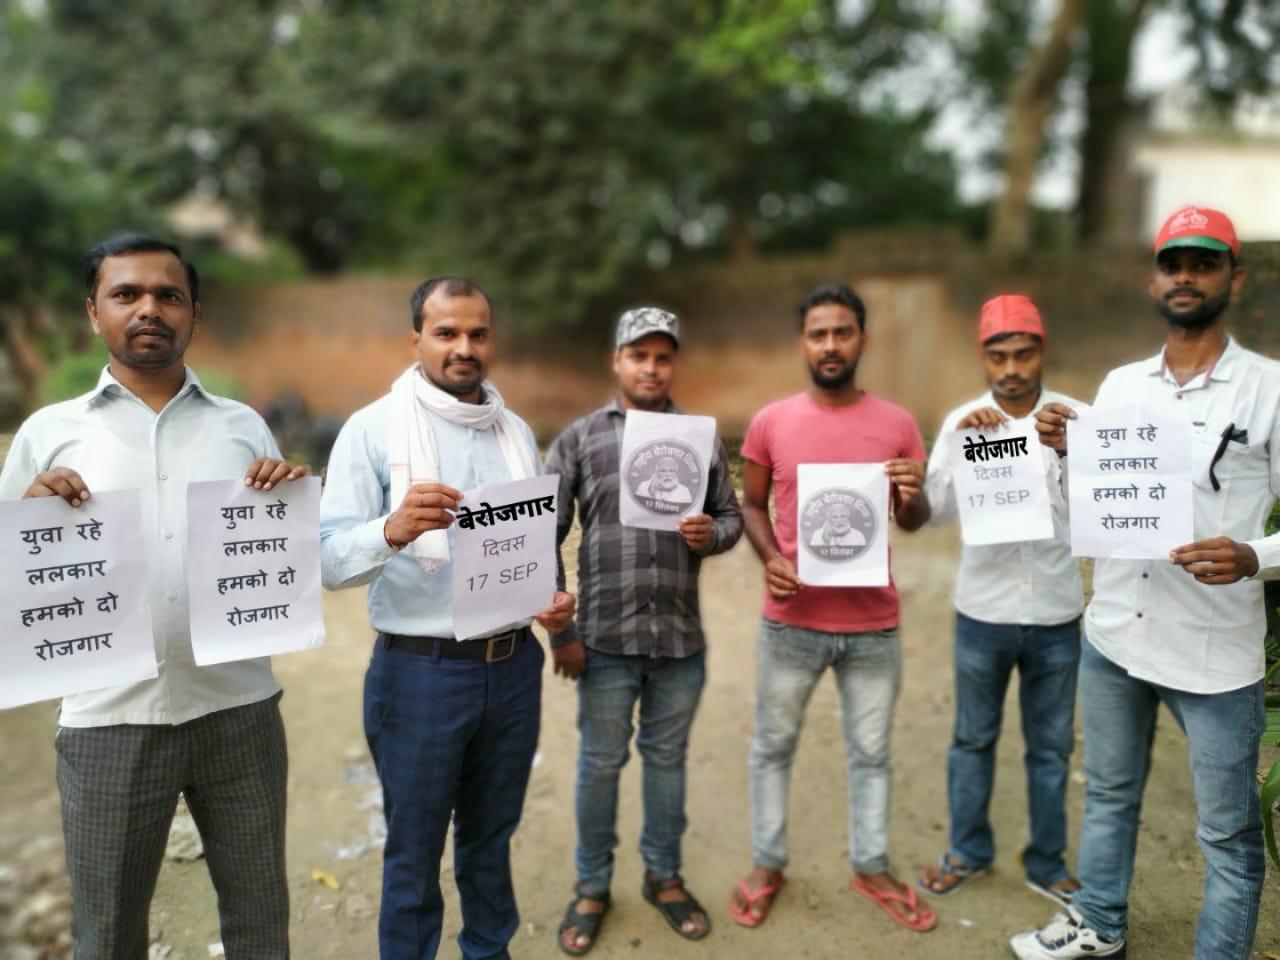 प्रधानमंत्री के जन्म दिवस को सपा कार्यकर्ताओं ने मनाया बेरोजगार दिवस